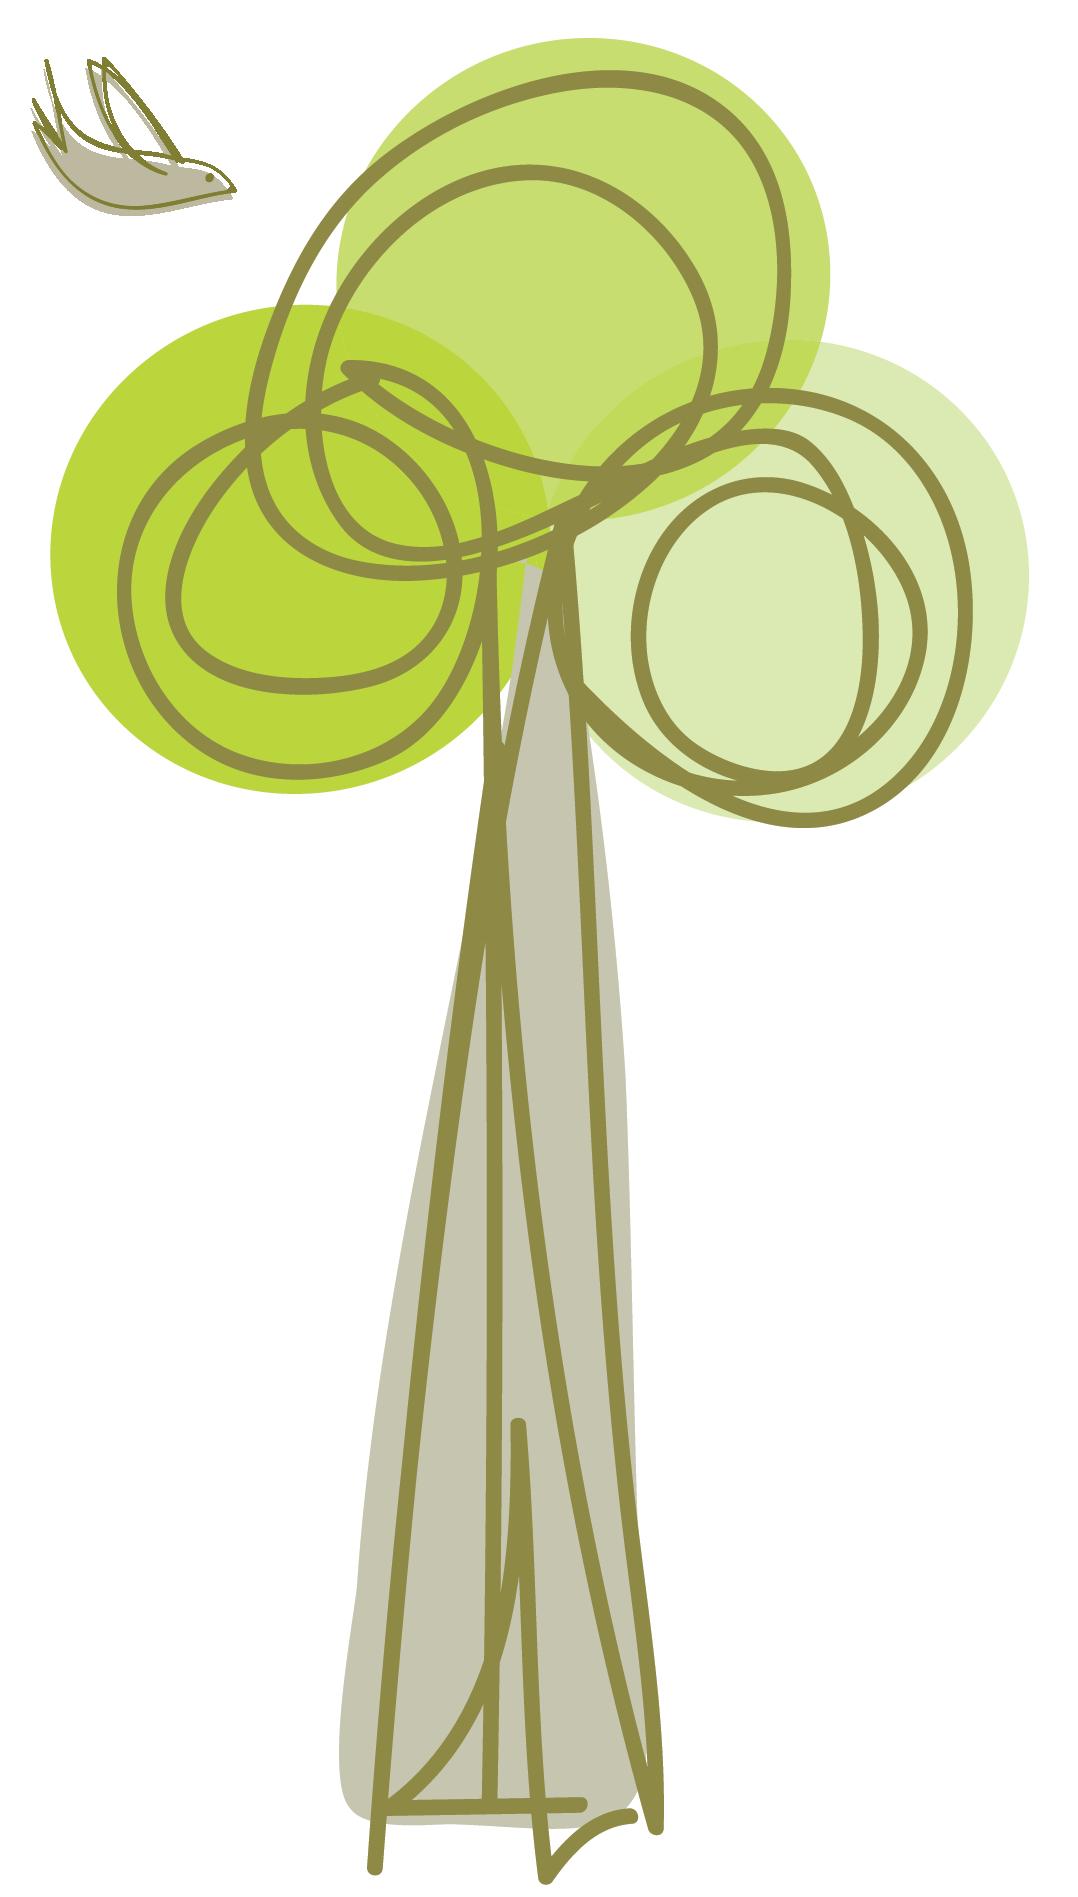 Litefull_Logo_tree_bird.png